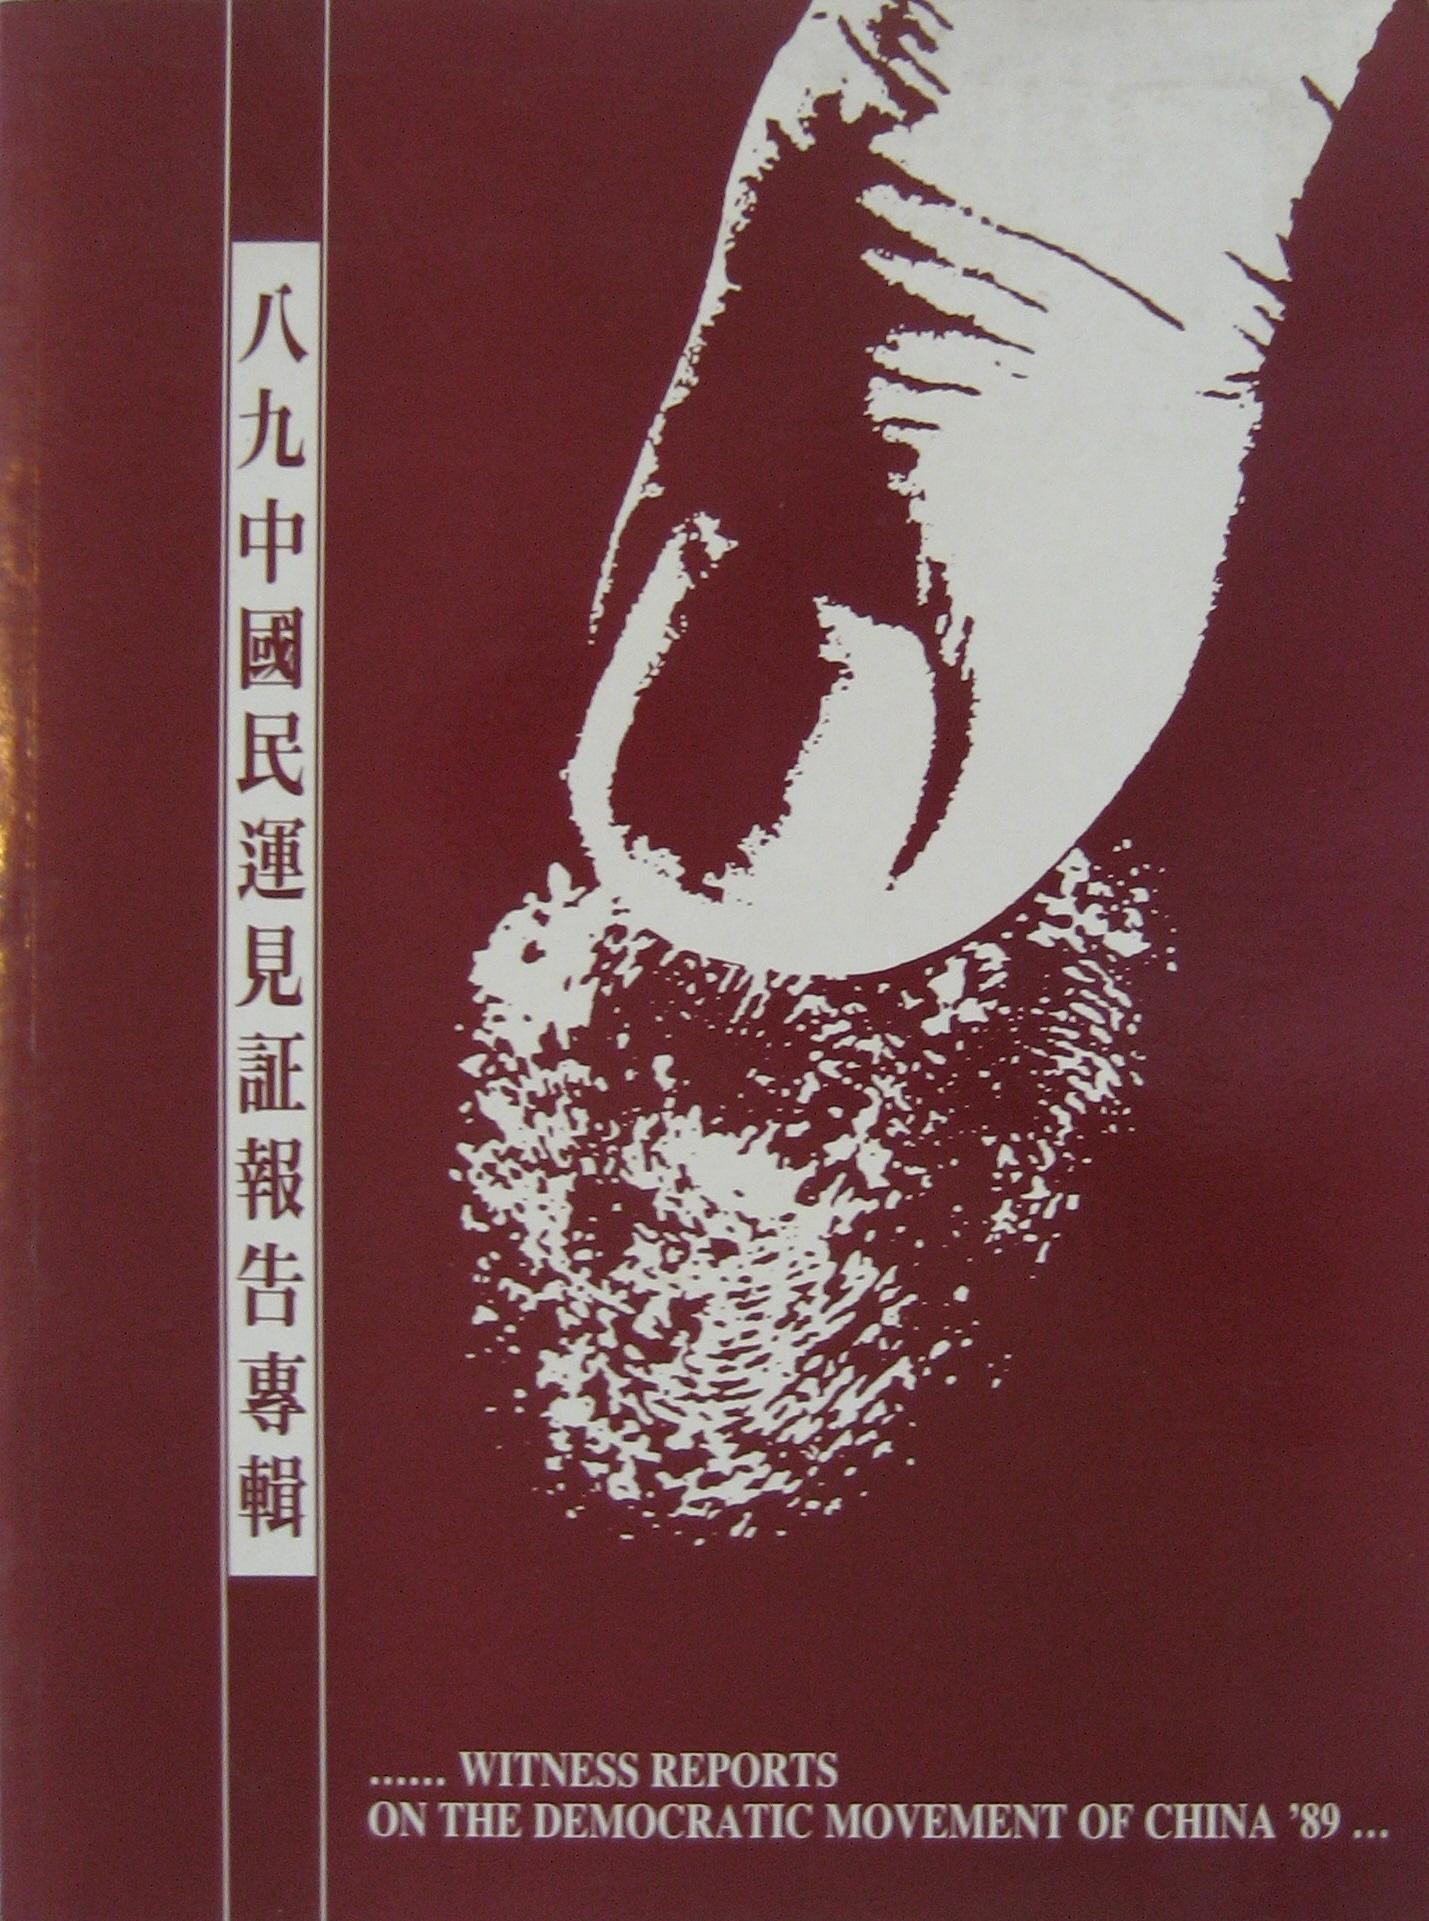 八九中國民運見證報告專輯